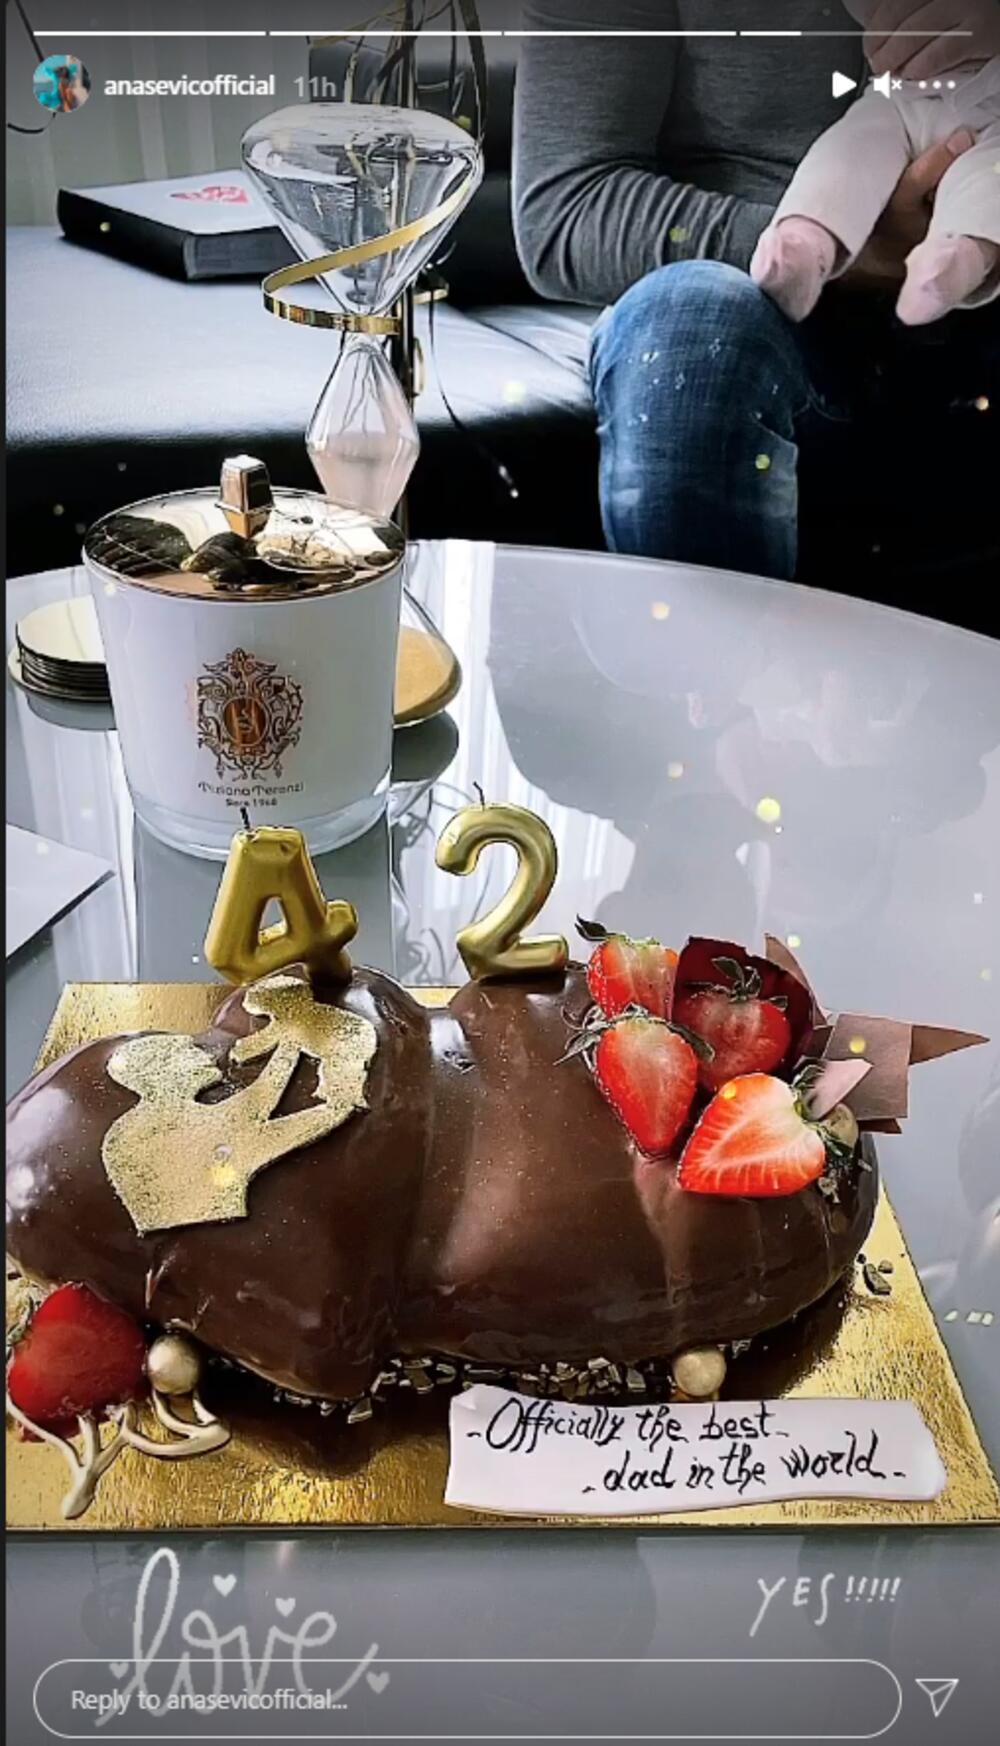 <p>Ana Sević na društvenim mrežama čestitala je rođendan svom partneru Danijelu Nedeljkoviću i tom prilikom podelila simpatičnu atmosferu iz njihovog porodičnog doma</p>